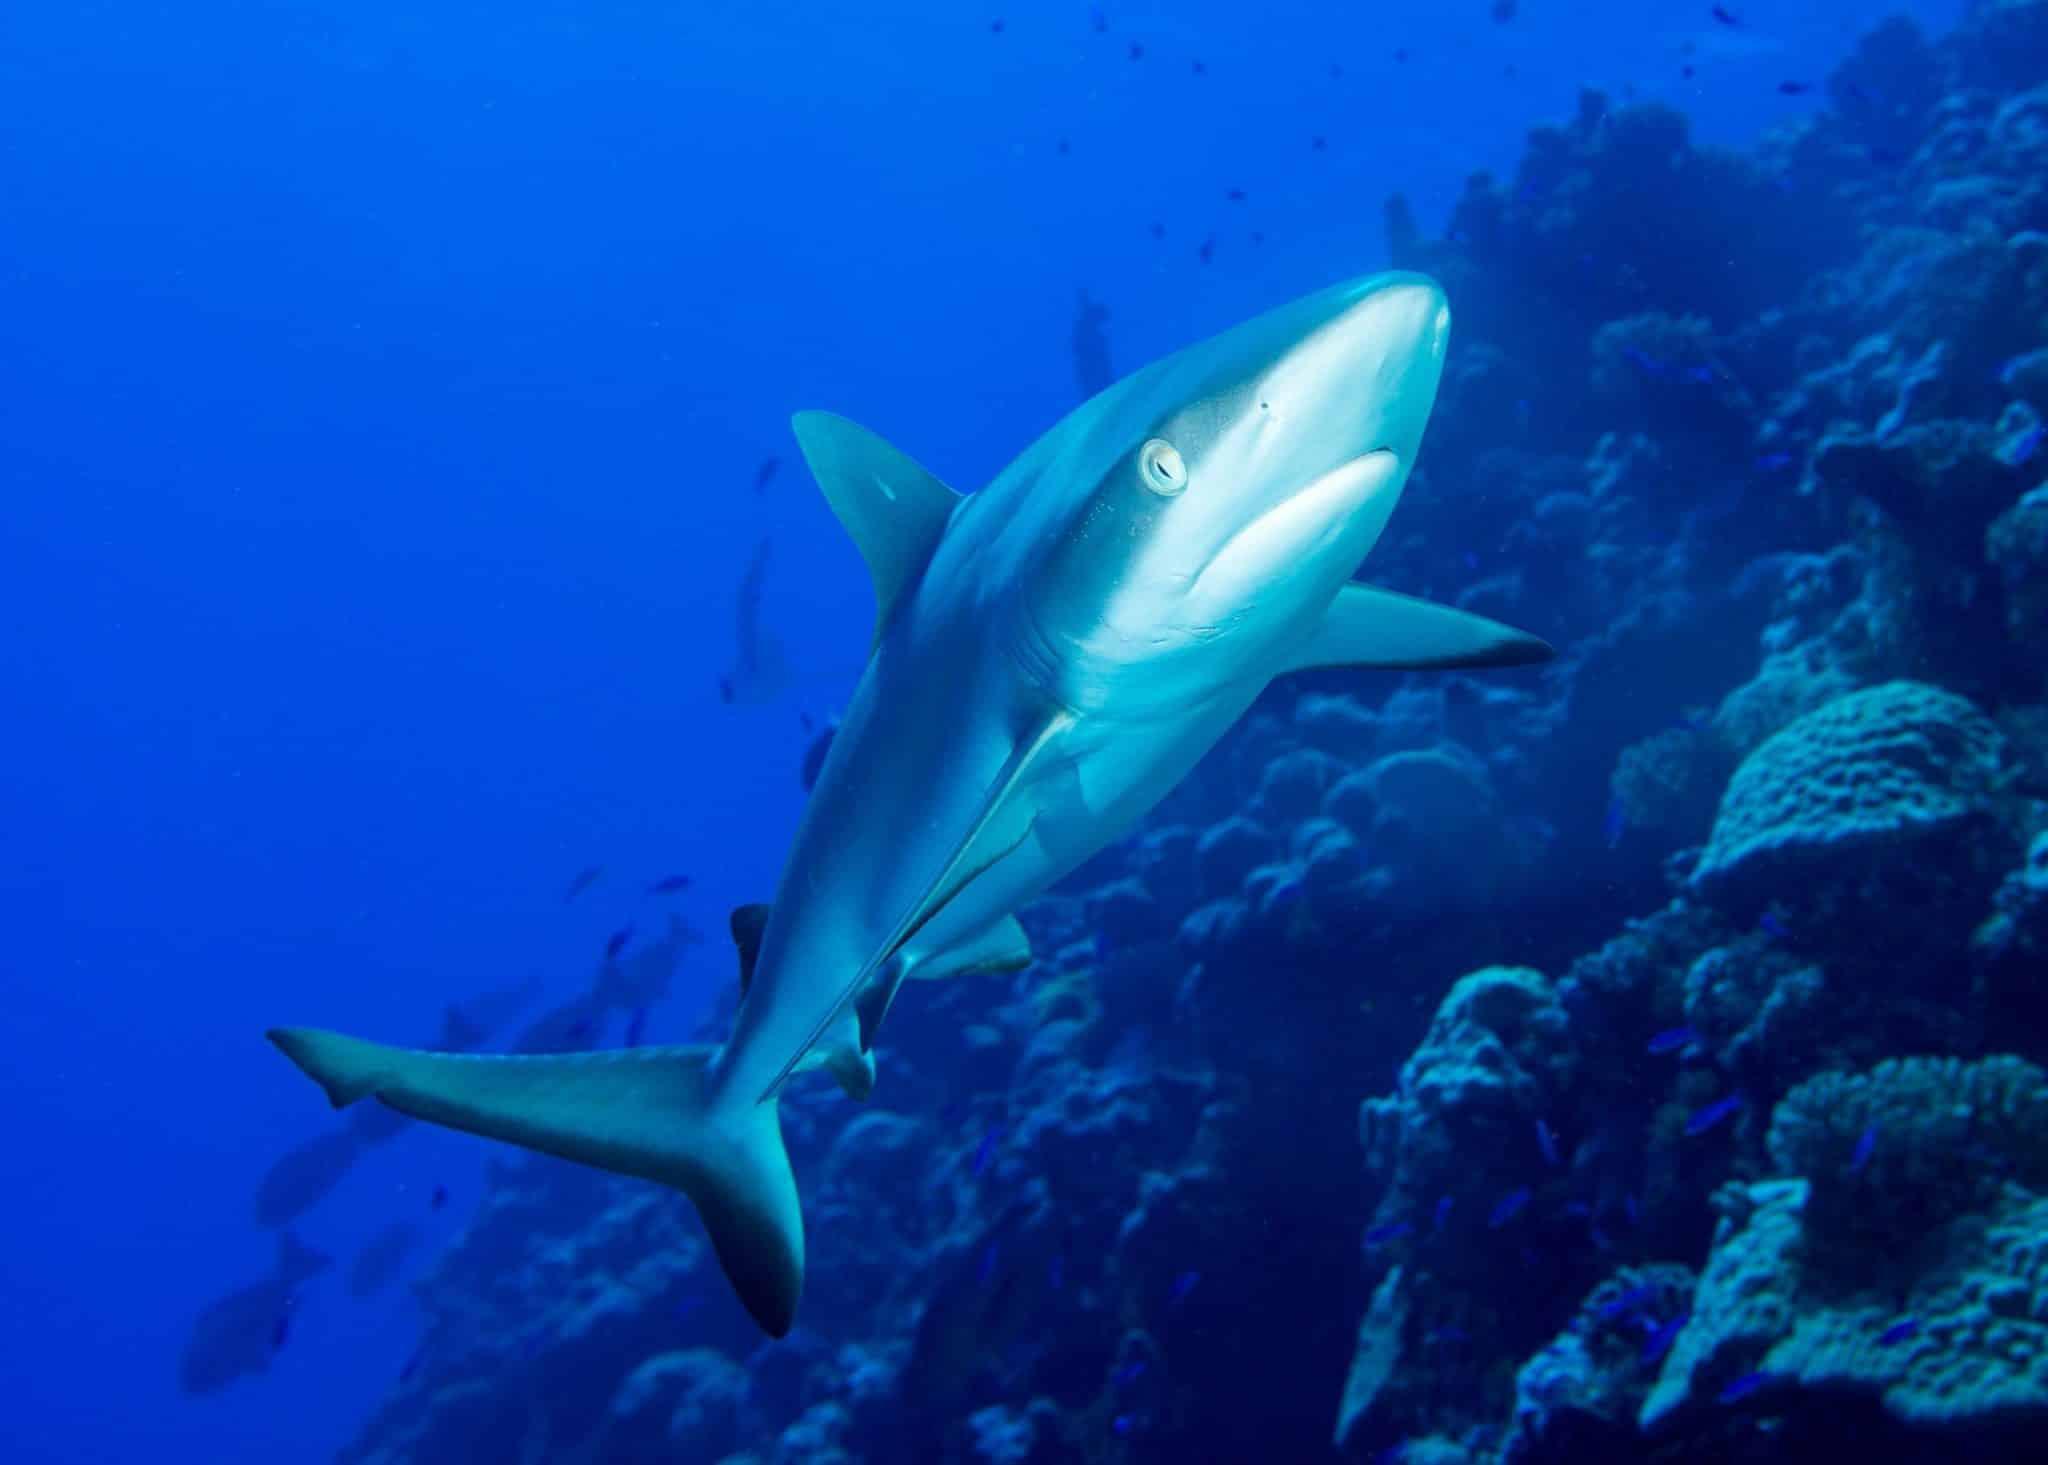 Der Grauhai ist wohl so ziemlich der Standard-Hai, der optisch am ehesten der Vorstellung unserer Vorstellung von dem Raubfisch entspricht – wer beim Tauchen in Ägypten einen Grauhai zu Gesicht bekommt, hat großes Glück! Foto: Unsplash